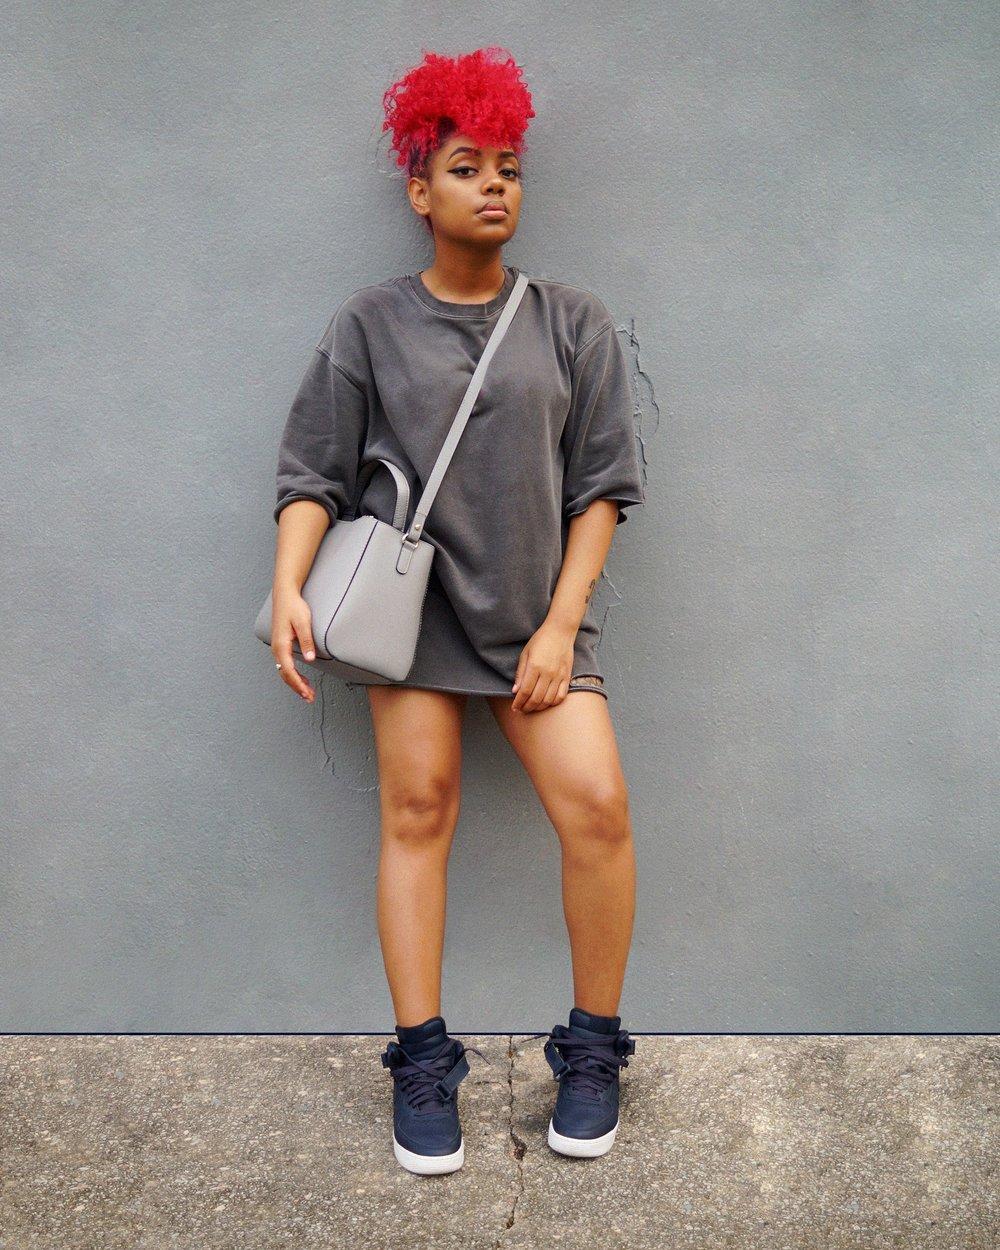 Sweater: H&M | Bag: ZARA | Sneakers: NIKE